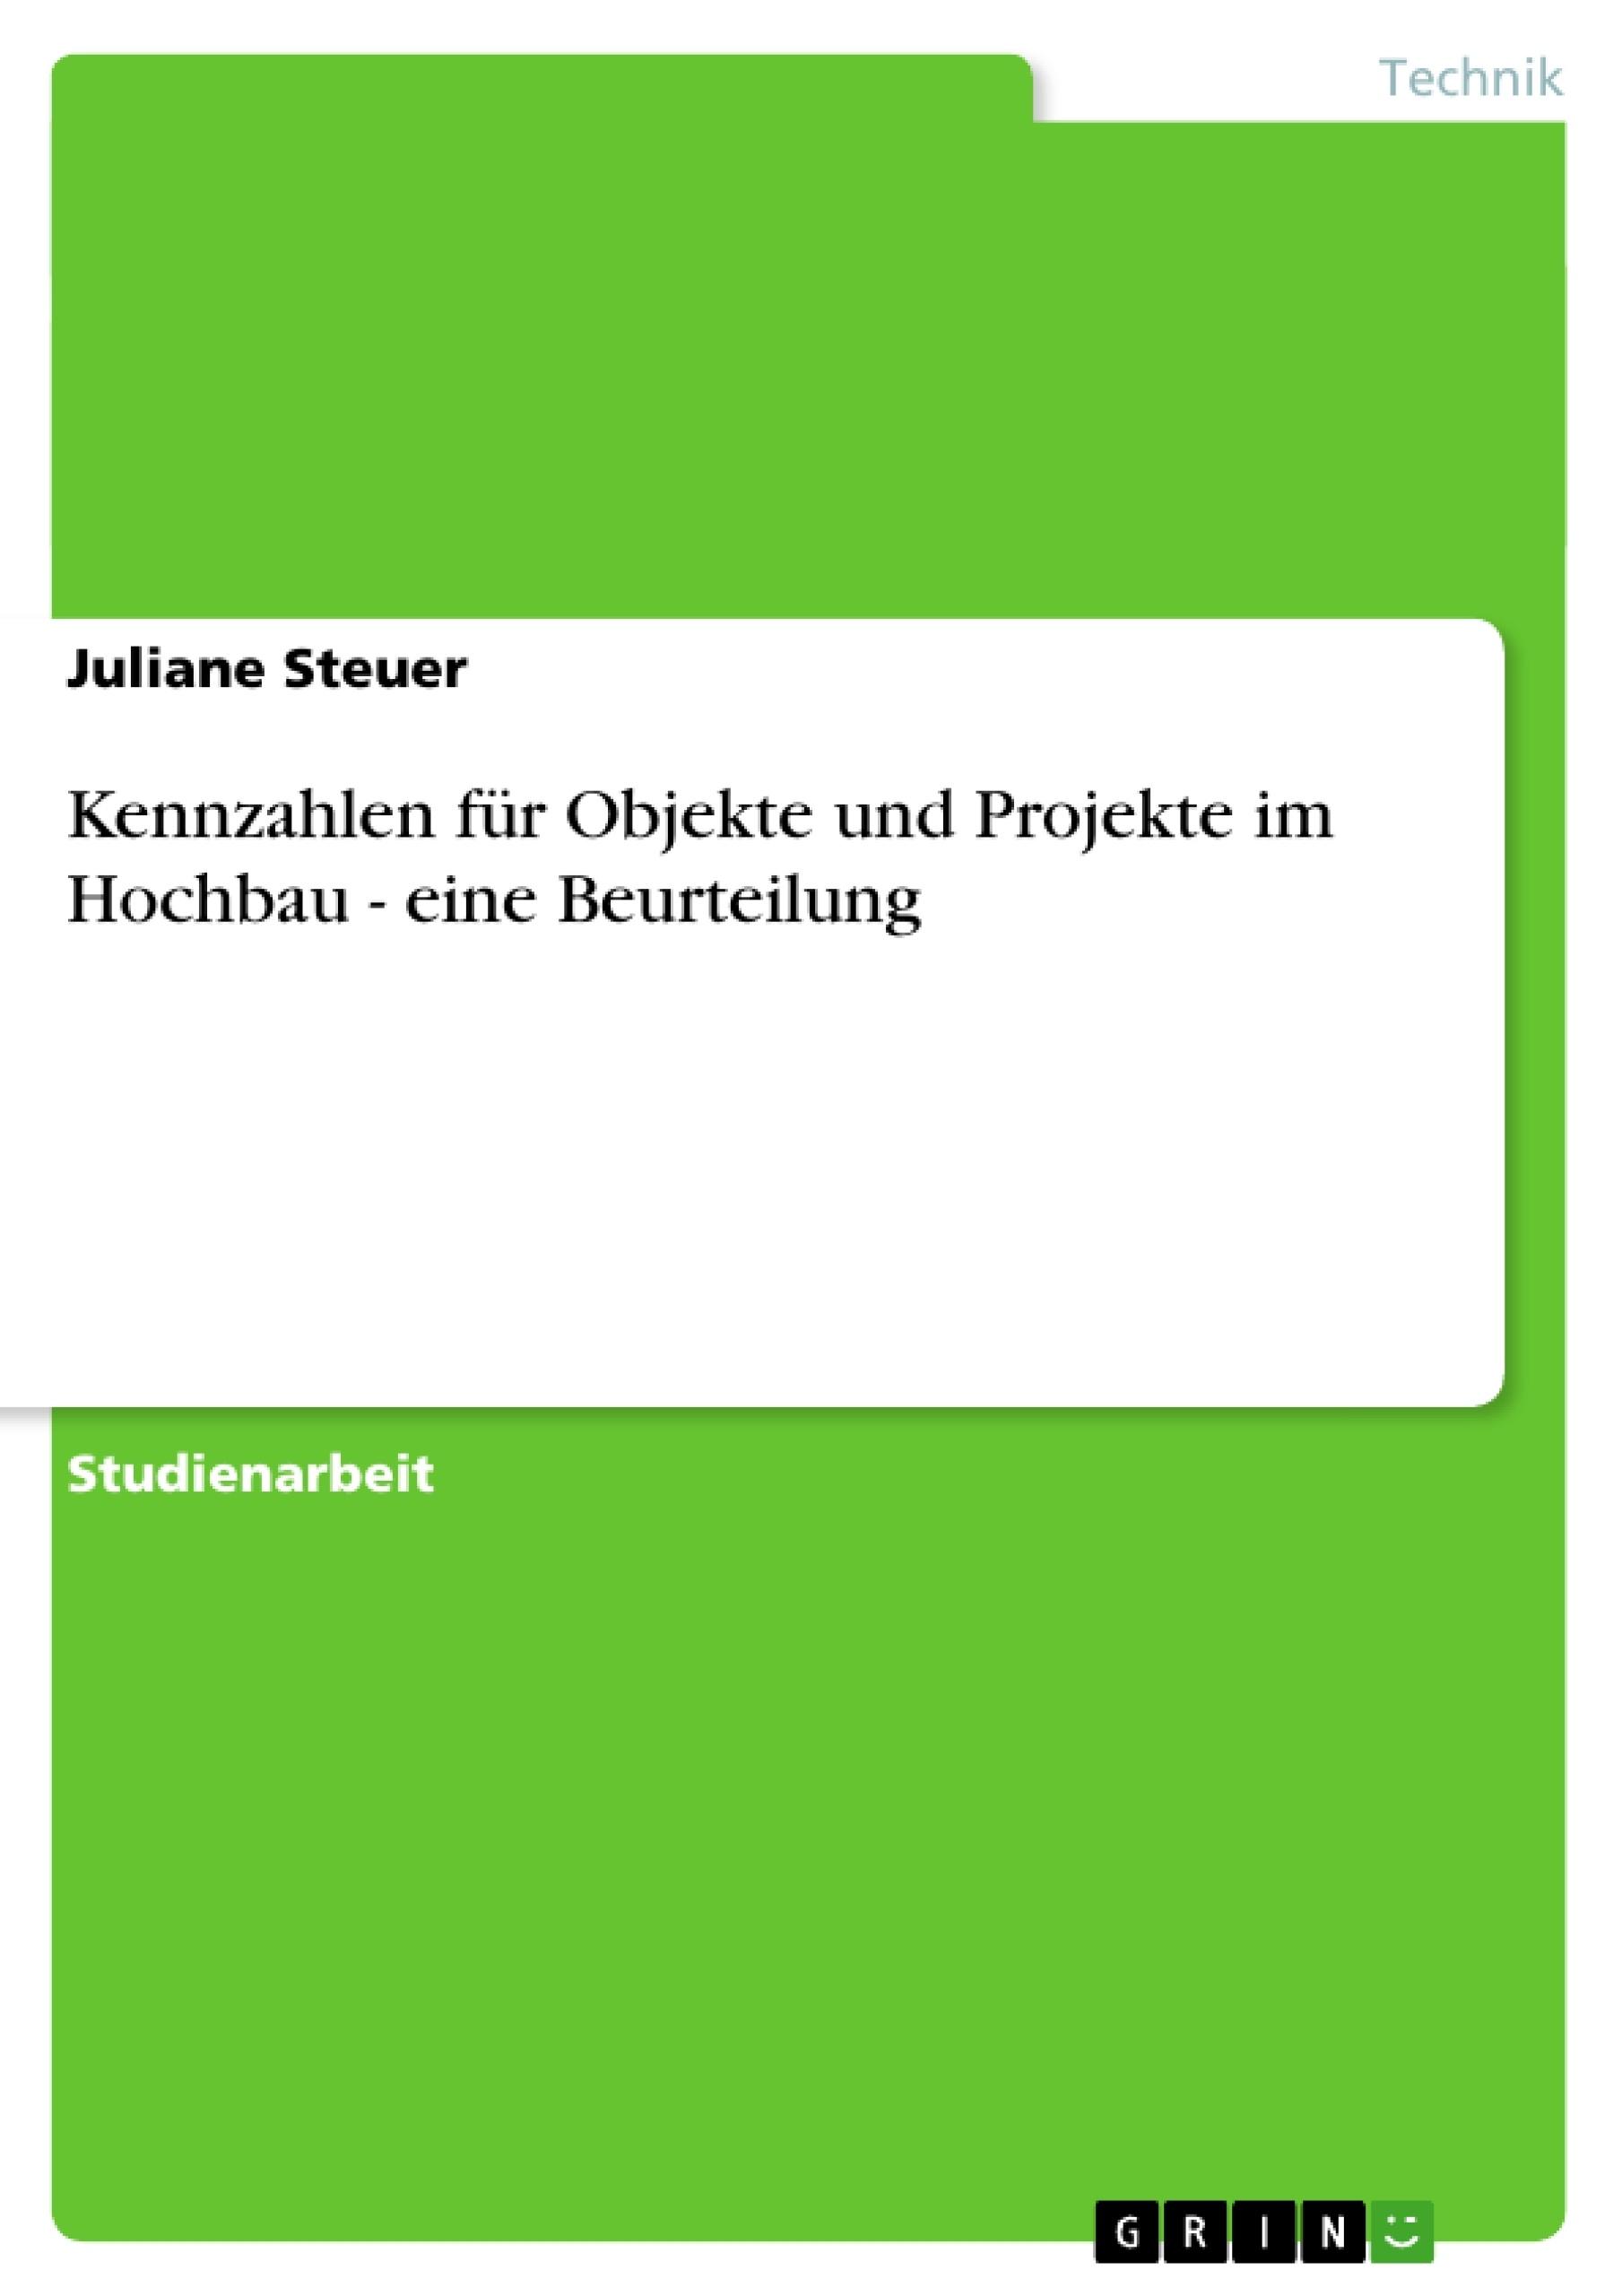 Titel: Kennzahlen für Objekte und Projekte im Hochbau - eine Beurteilung